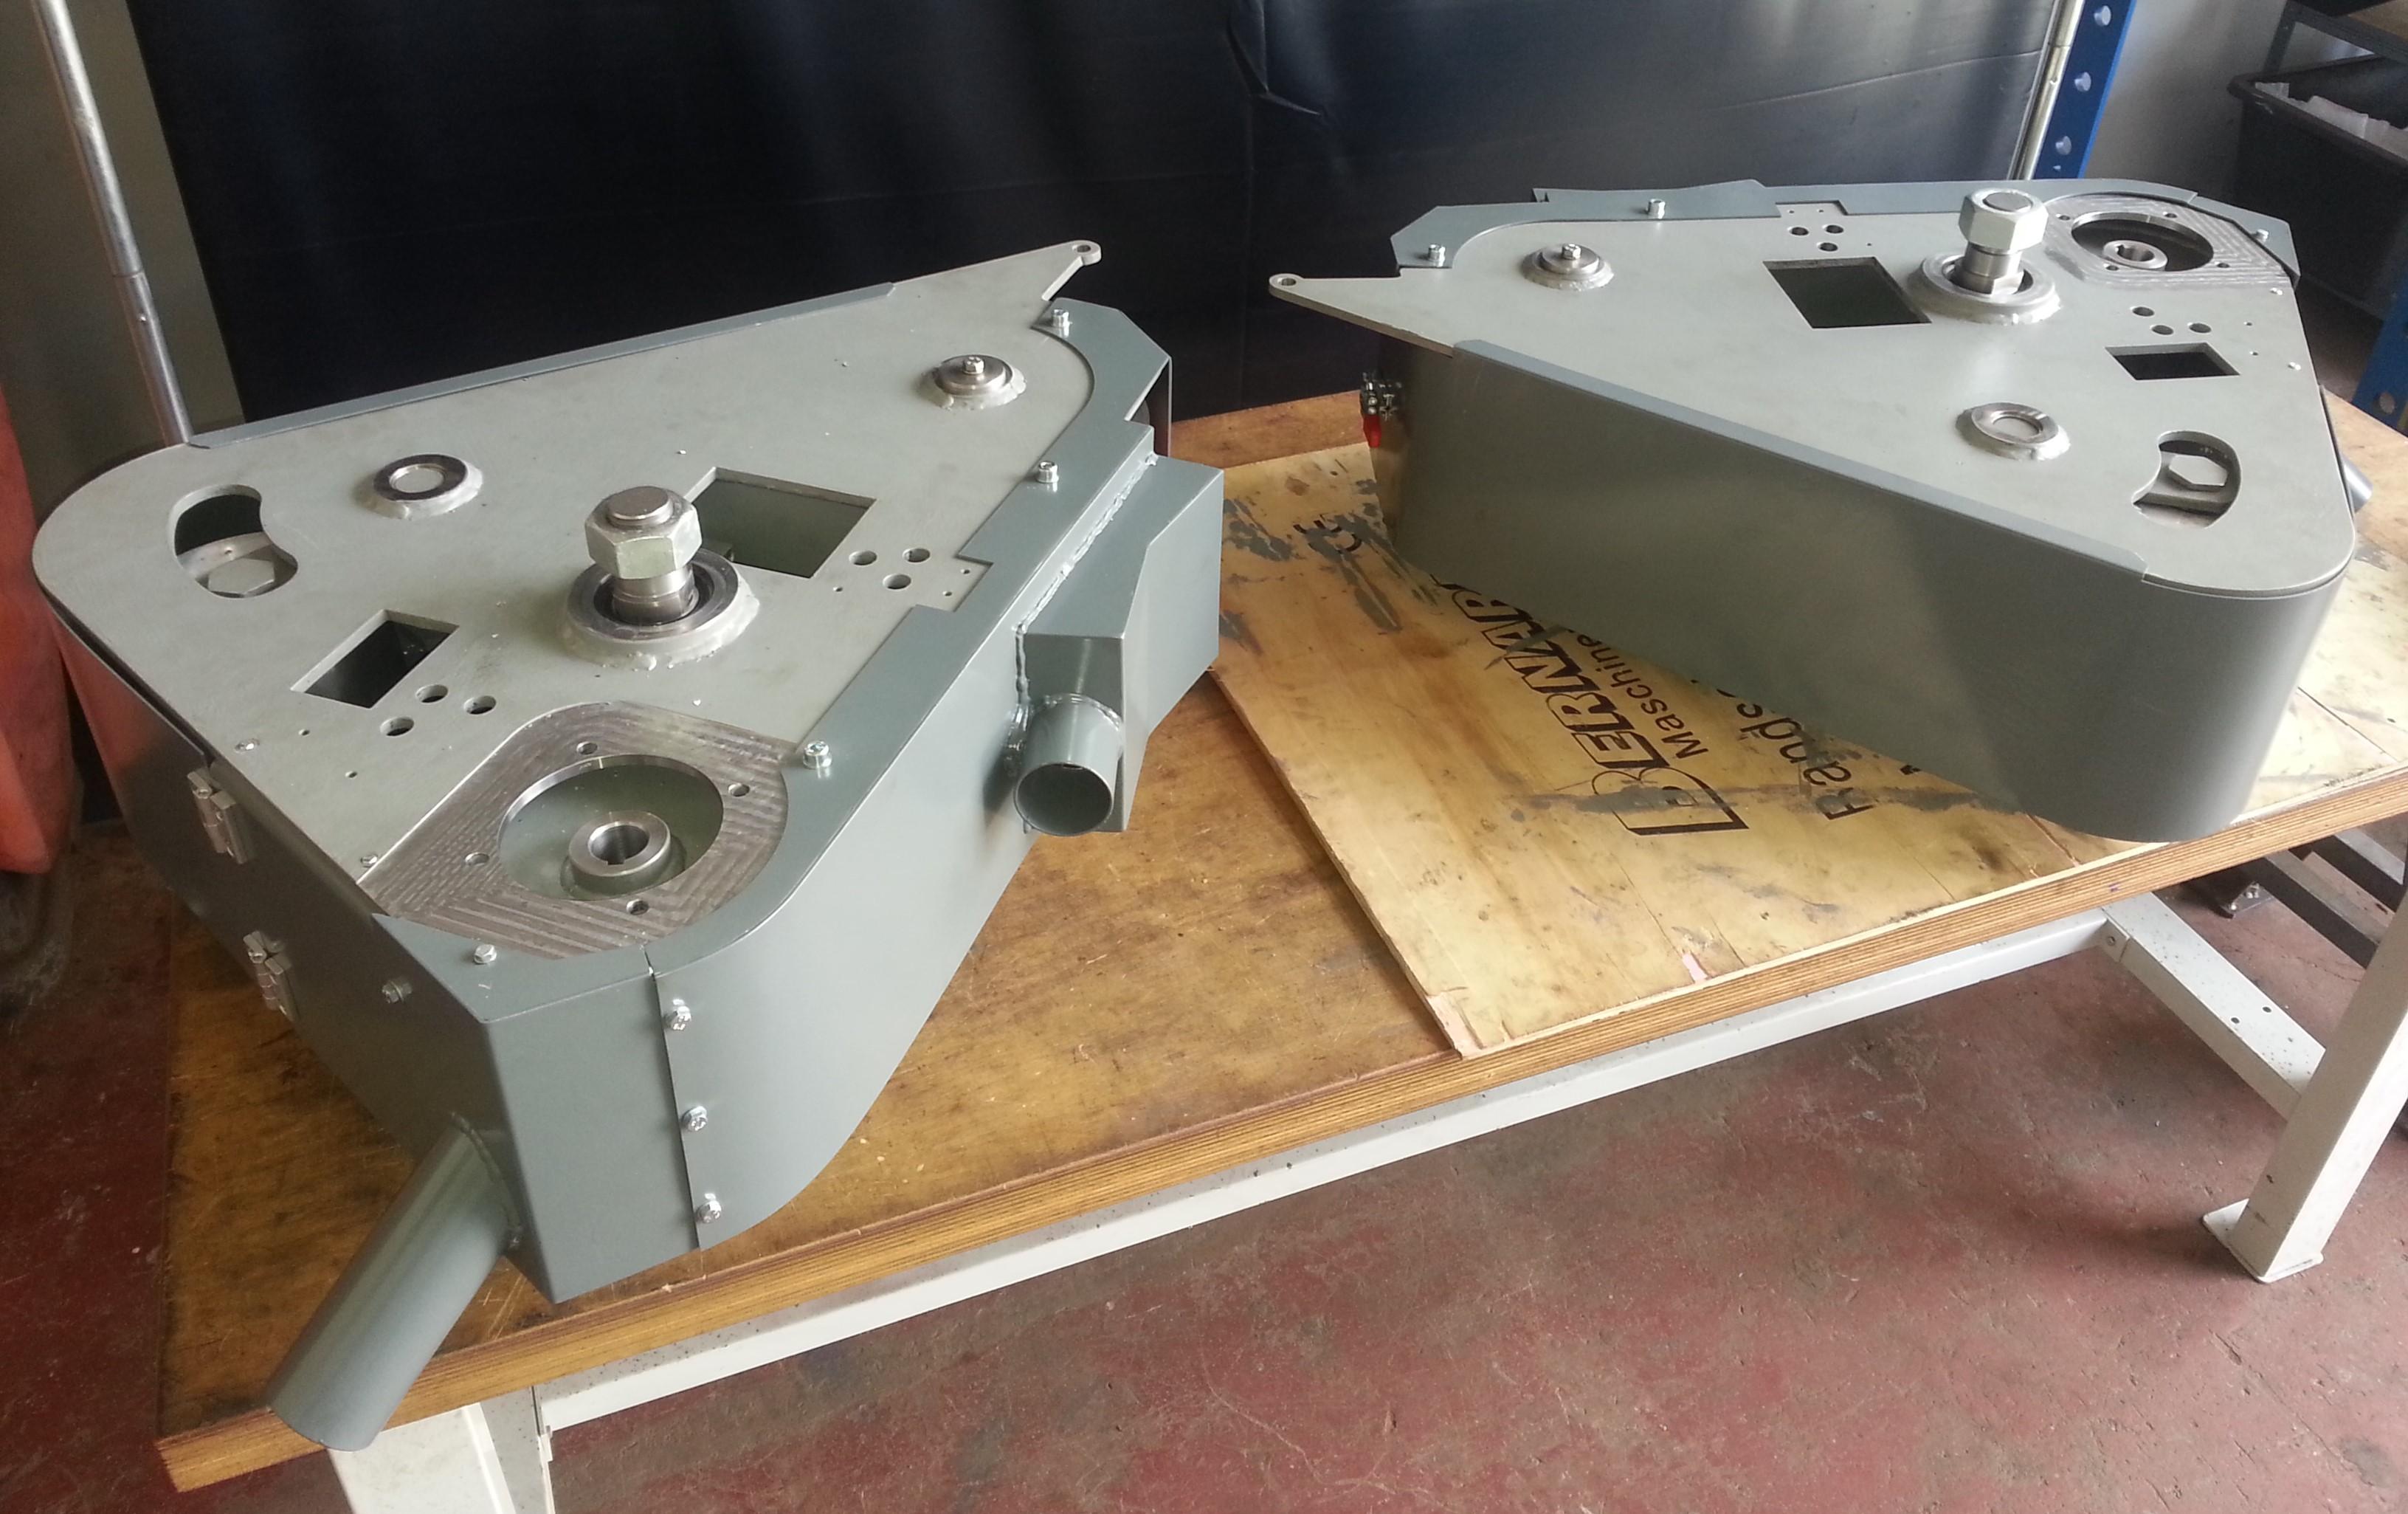 Bandschleifer/Rohrbearbeitung